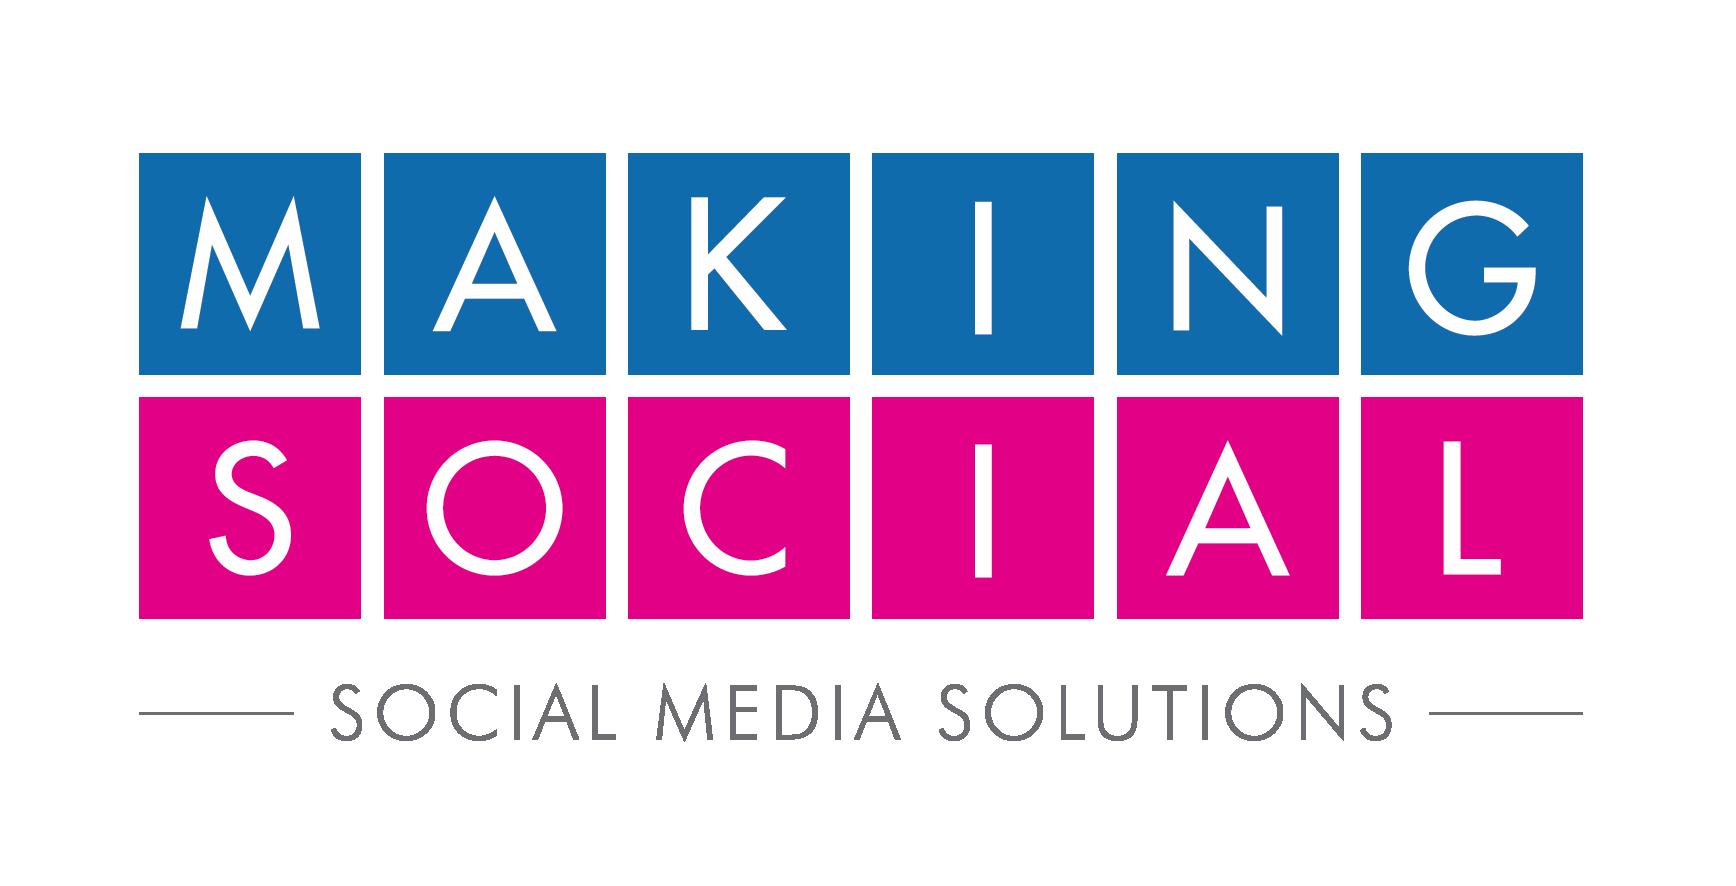 Making Social Milano